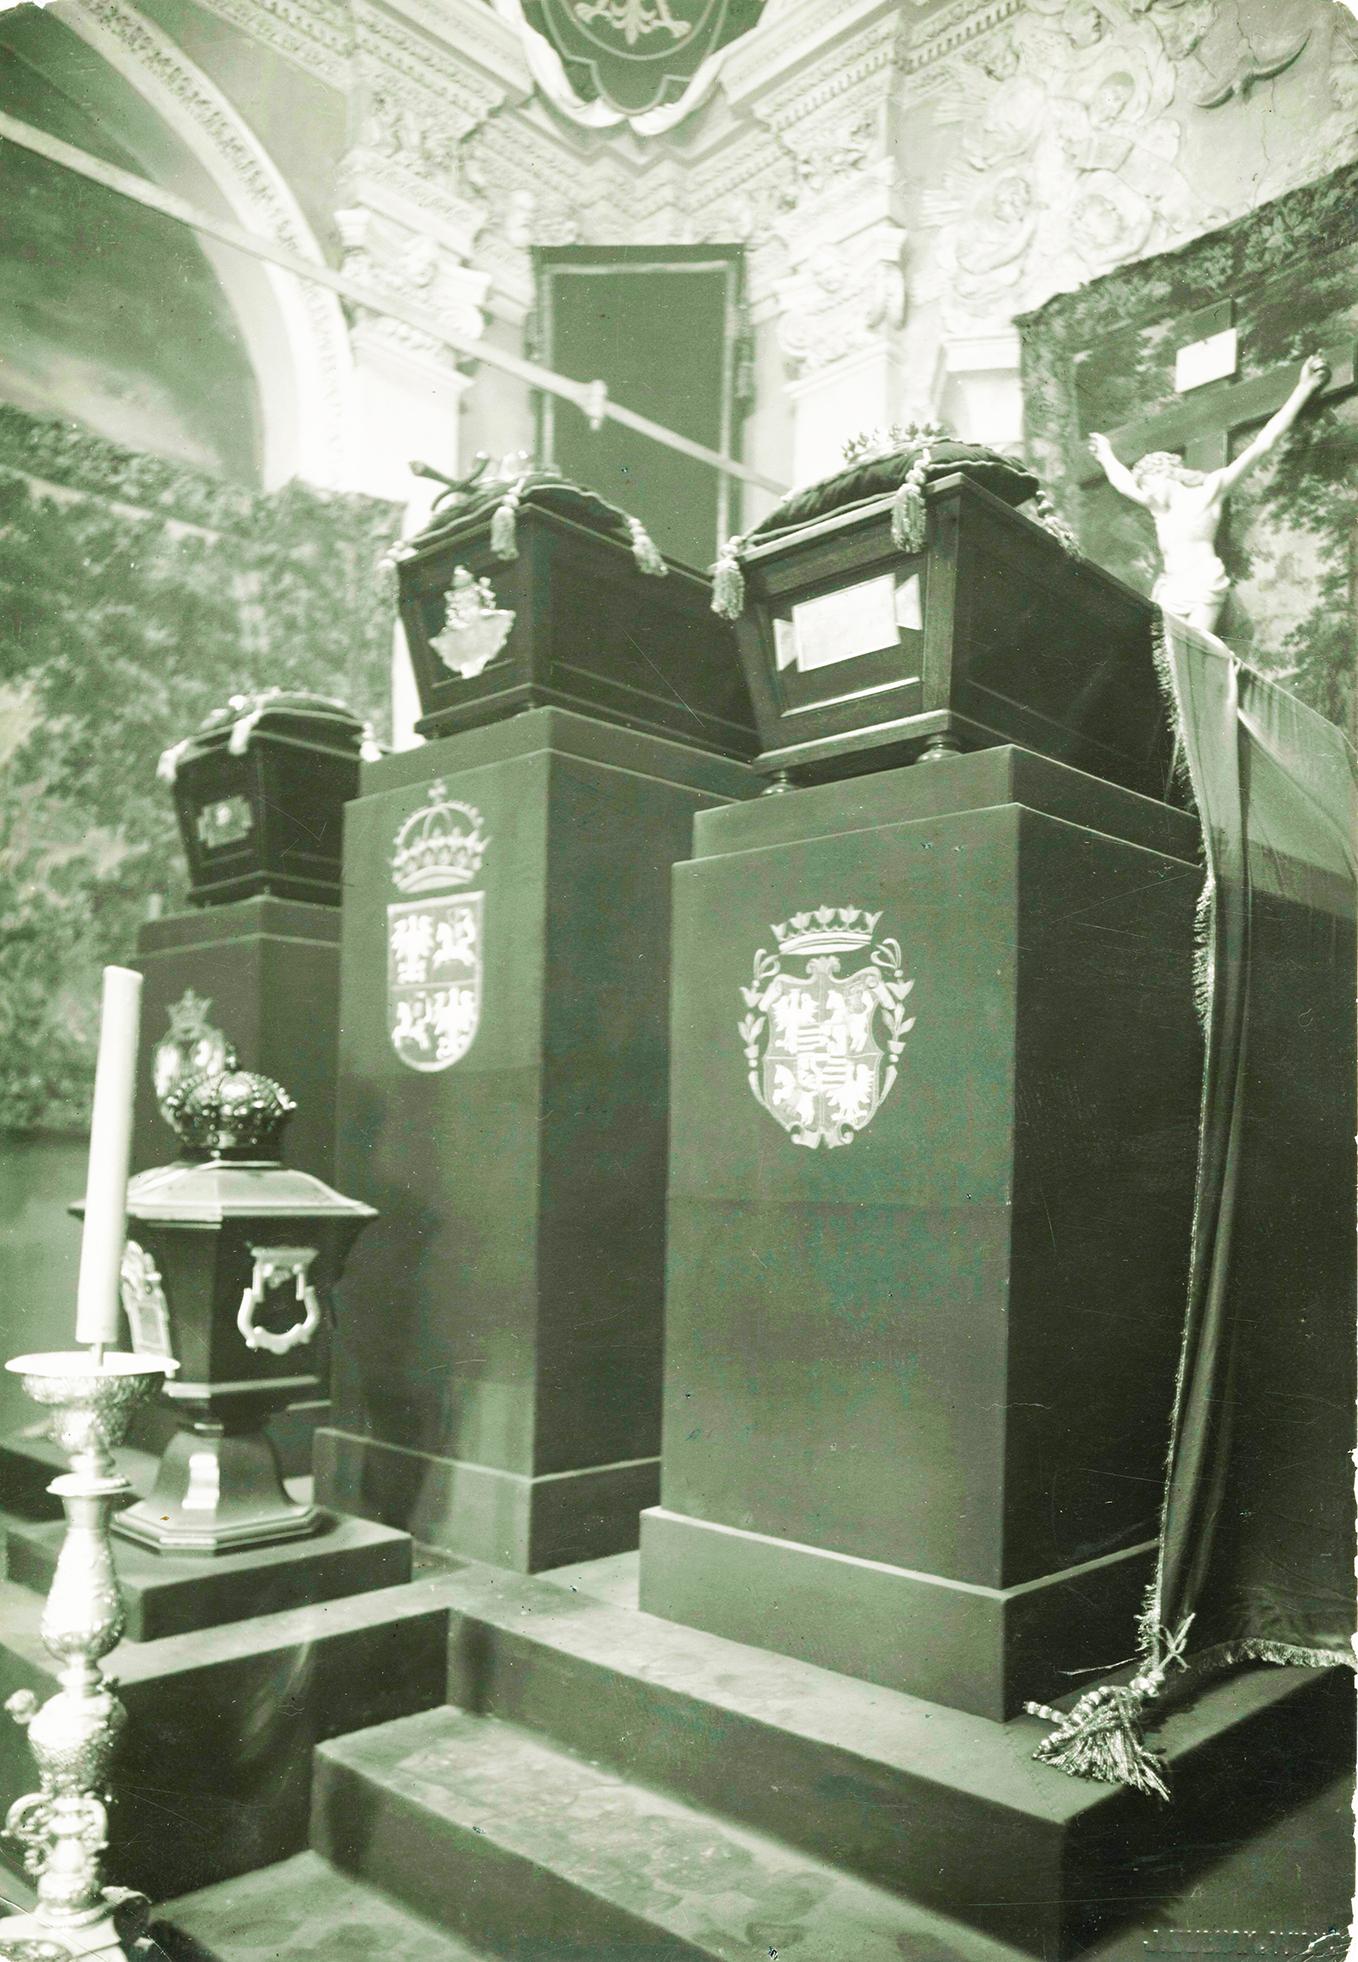 9 pav. Karališkieji palaikai provizoriniame mauzoliejuje po 1933 m. rugsėjo 21 d. Nuotr. iš LVIA f. 1135-3-308(28)